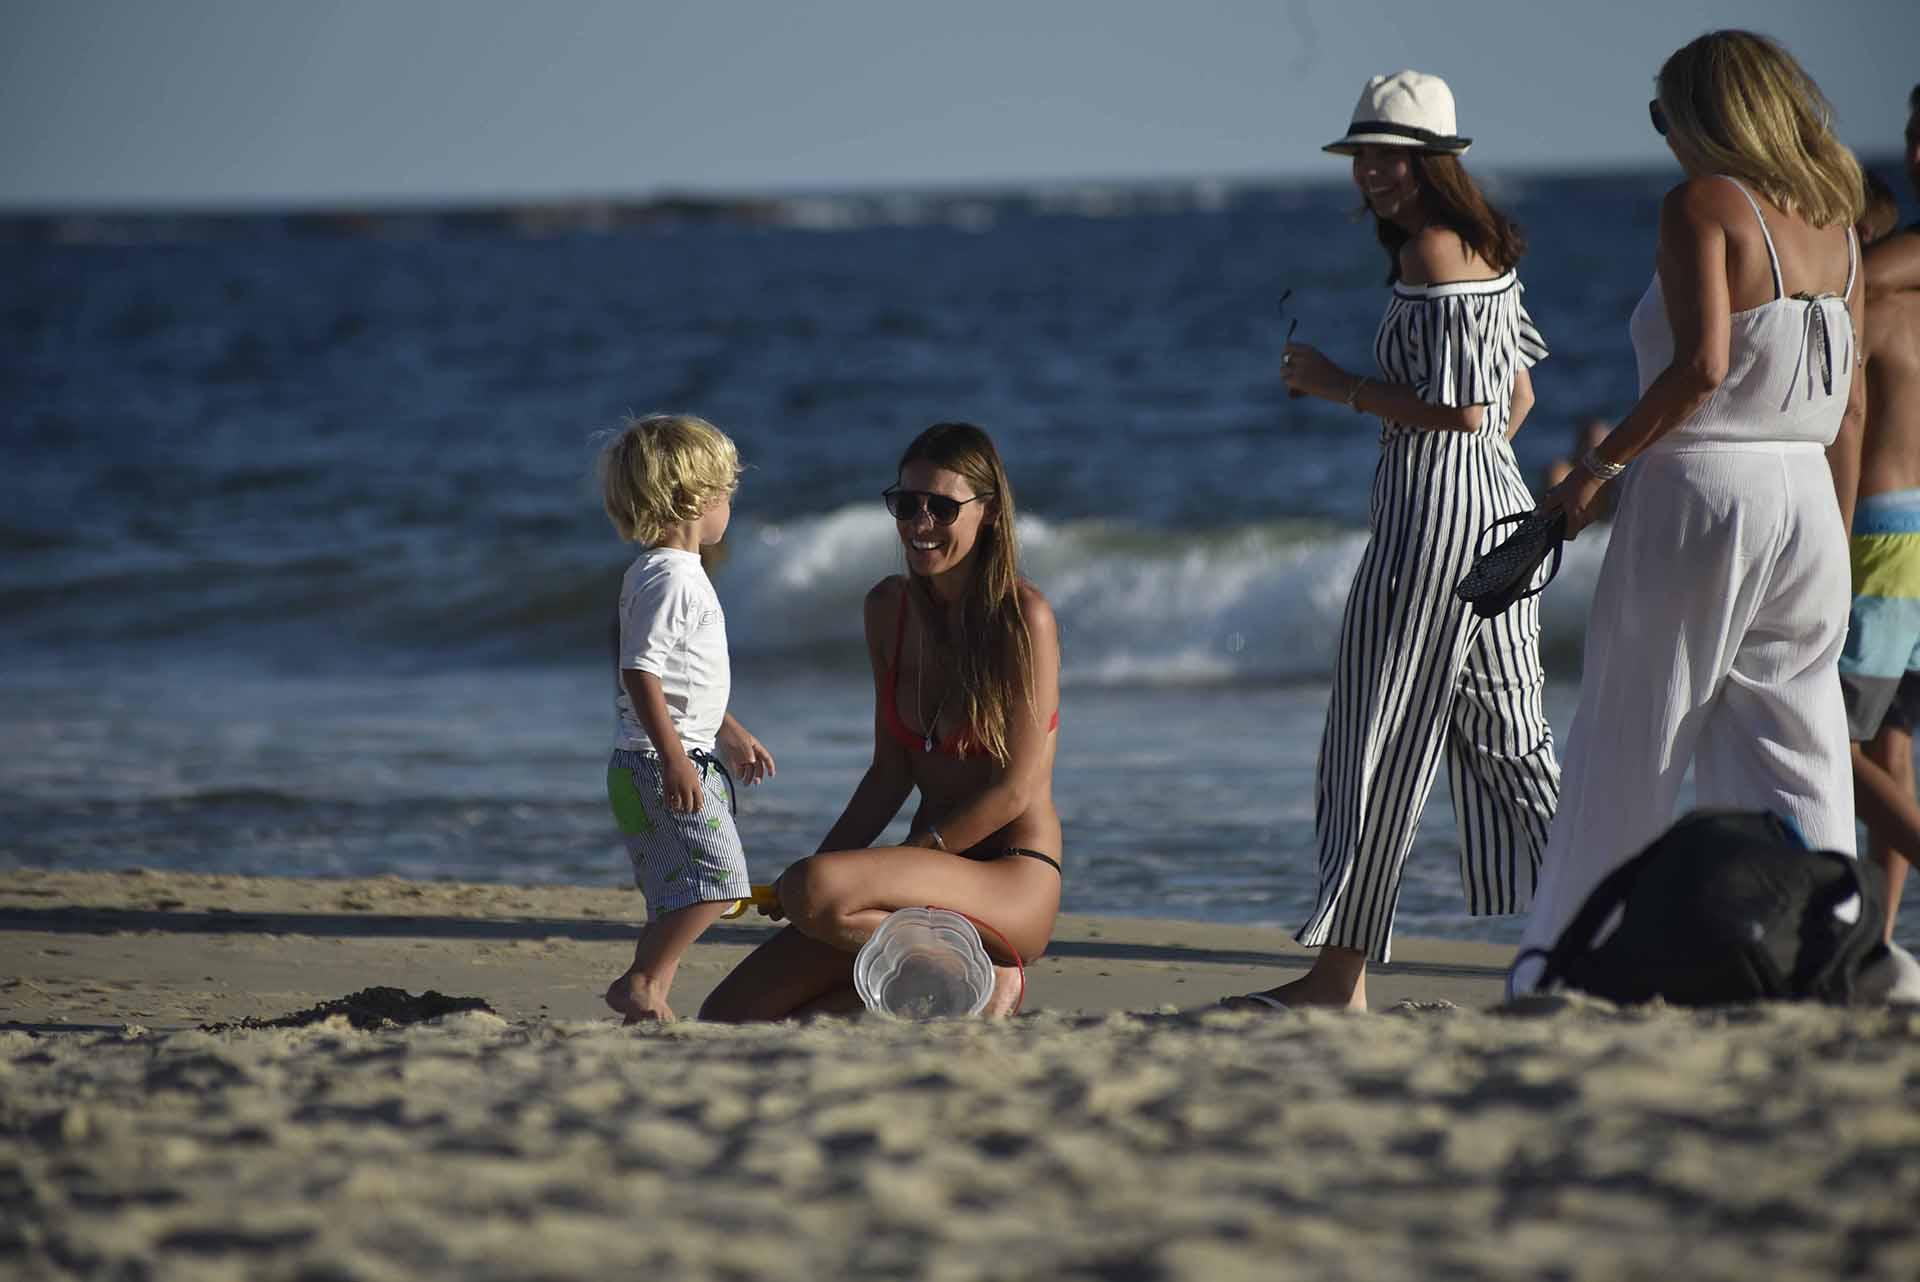 Pampita disfruta de sus vacaciones en Punta del Este con sus hijos. En breve, viajará a Playa del Carmen para celebrar su cumpleaños número 40 con un grupo de amigas